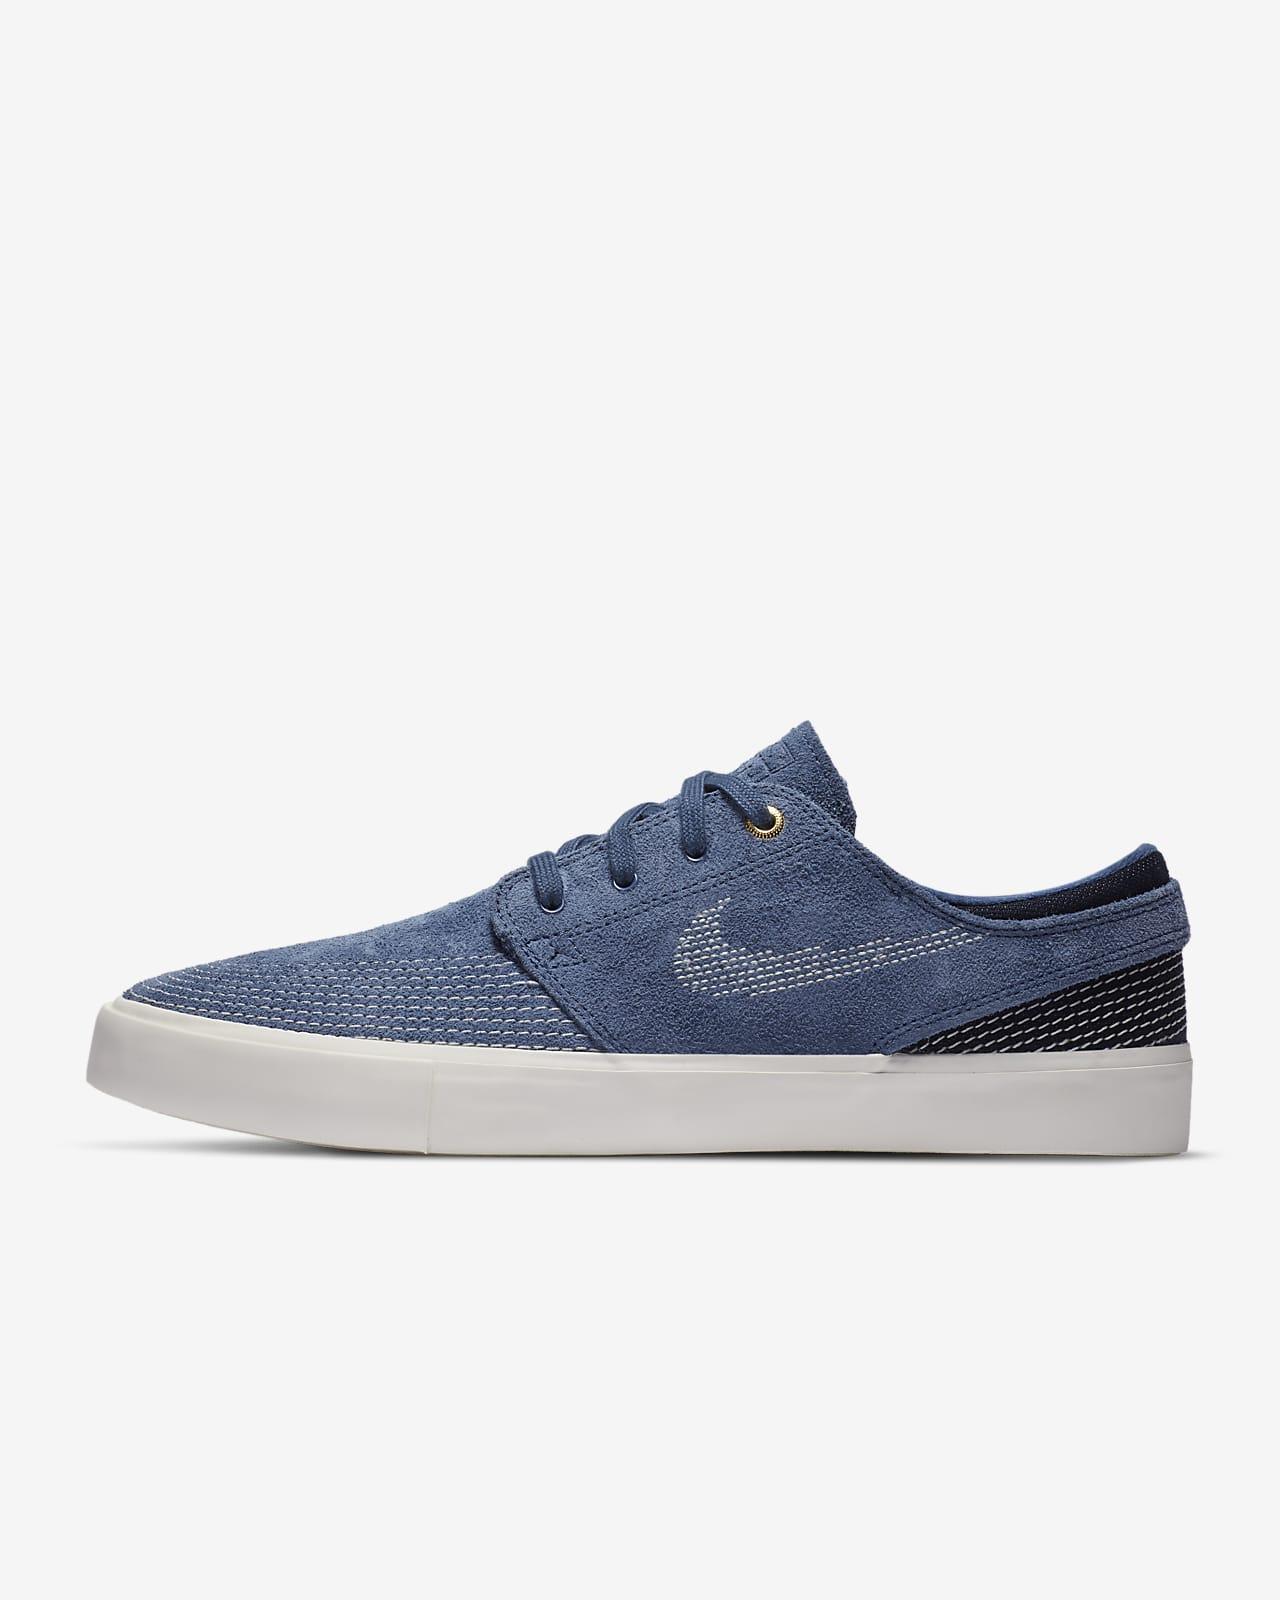 Sapatilhas de skateboard Nike SB Zoom Stefan Janoski RM Premium